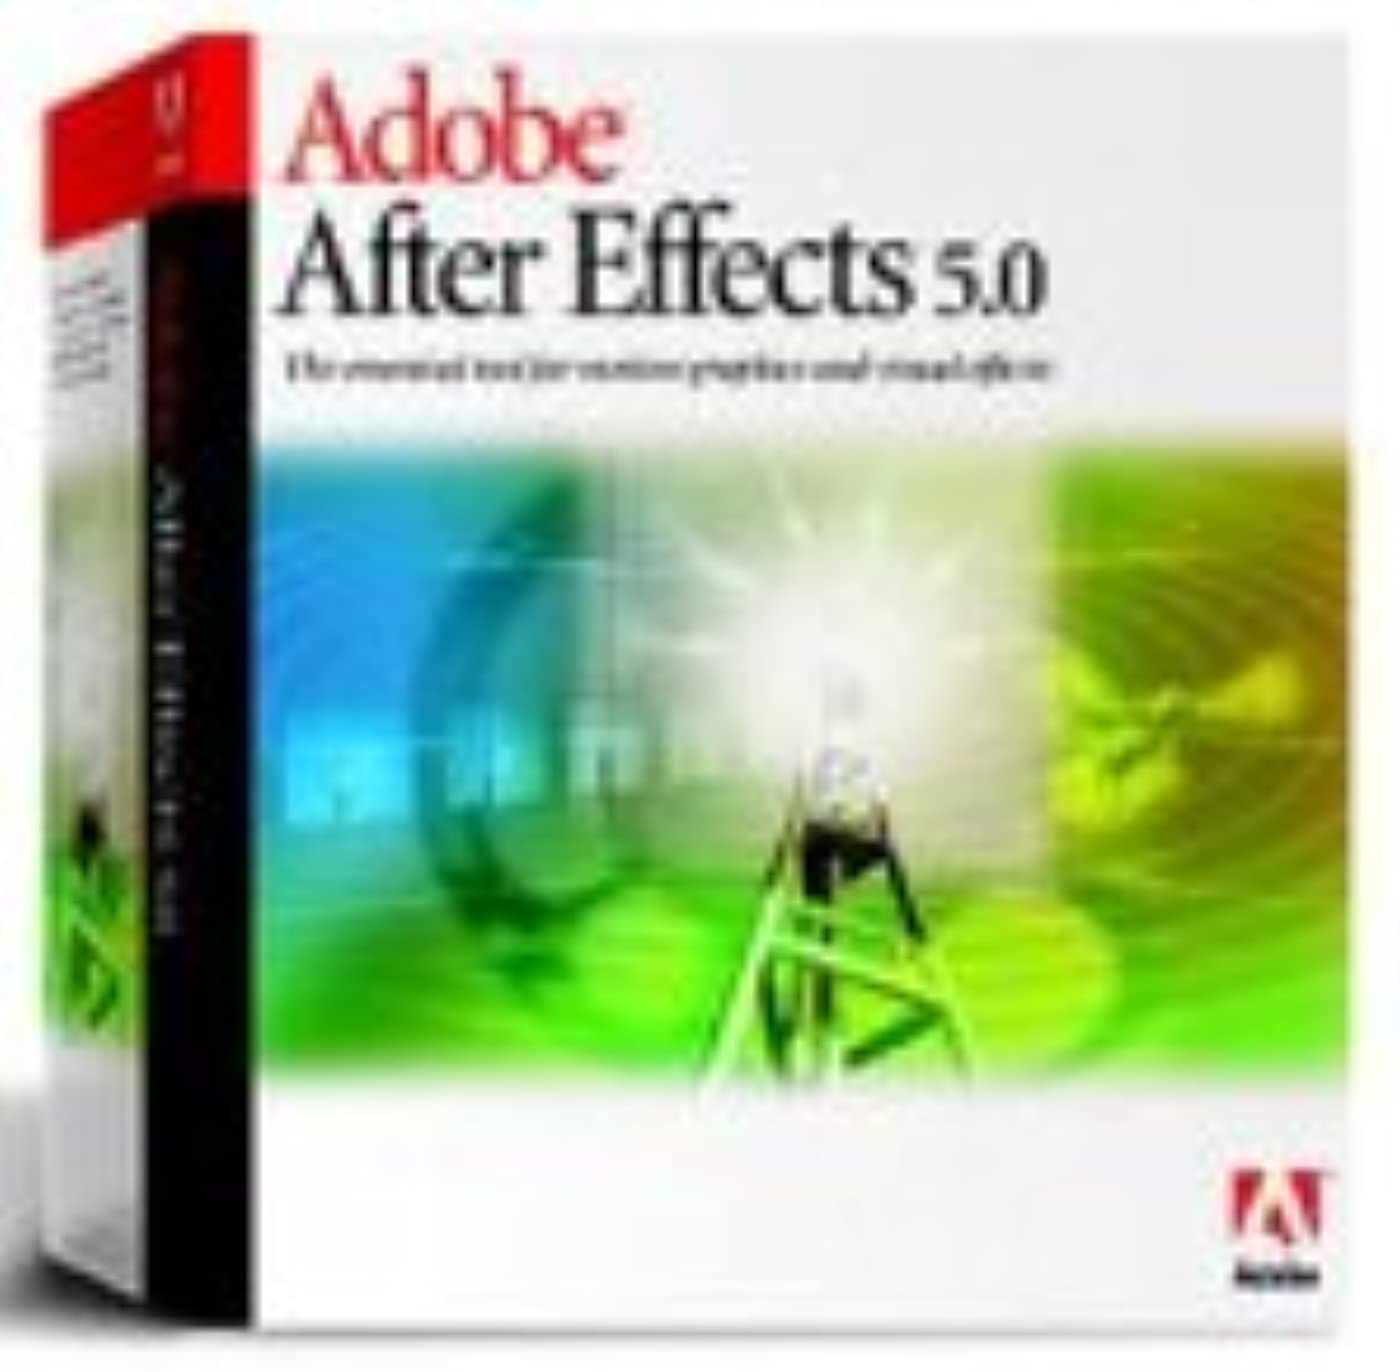 王子ダンスアドバンテージAdobe After Effects 5.0 日本語版 Macintosh版 アップグレード版